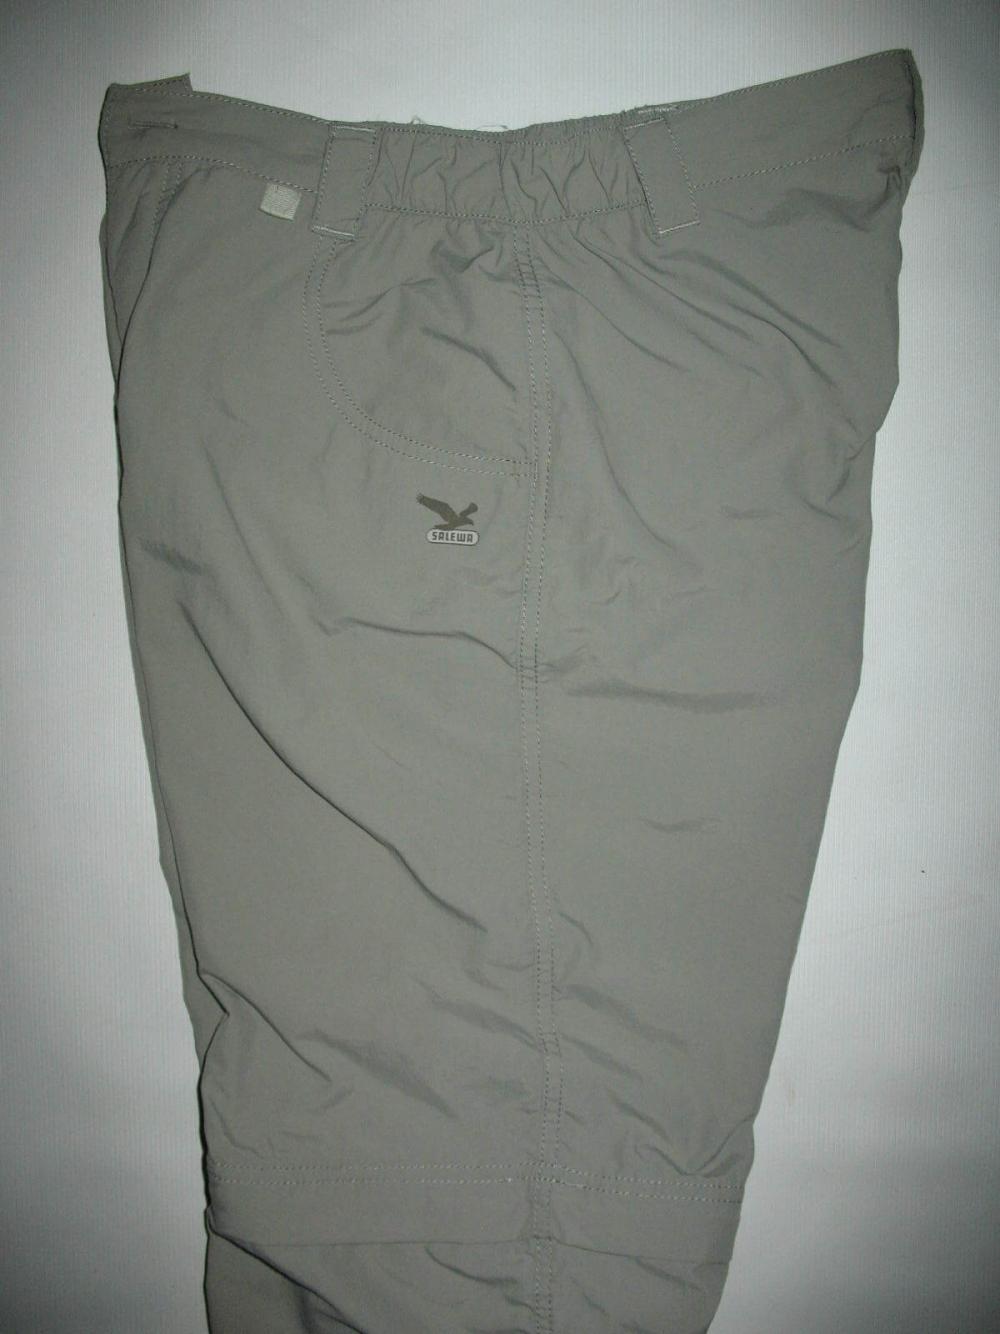 Штаны SALEWA newport dry 2in1 pants (размер 48/M) - 4